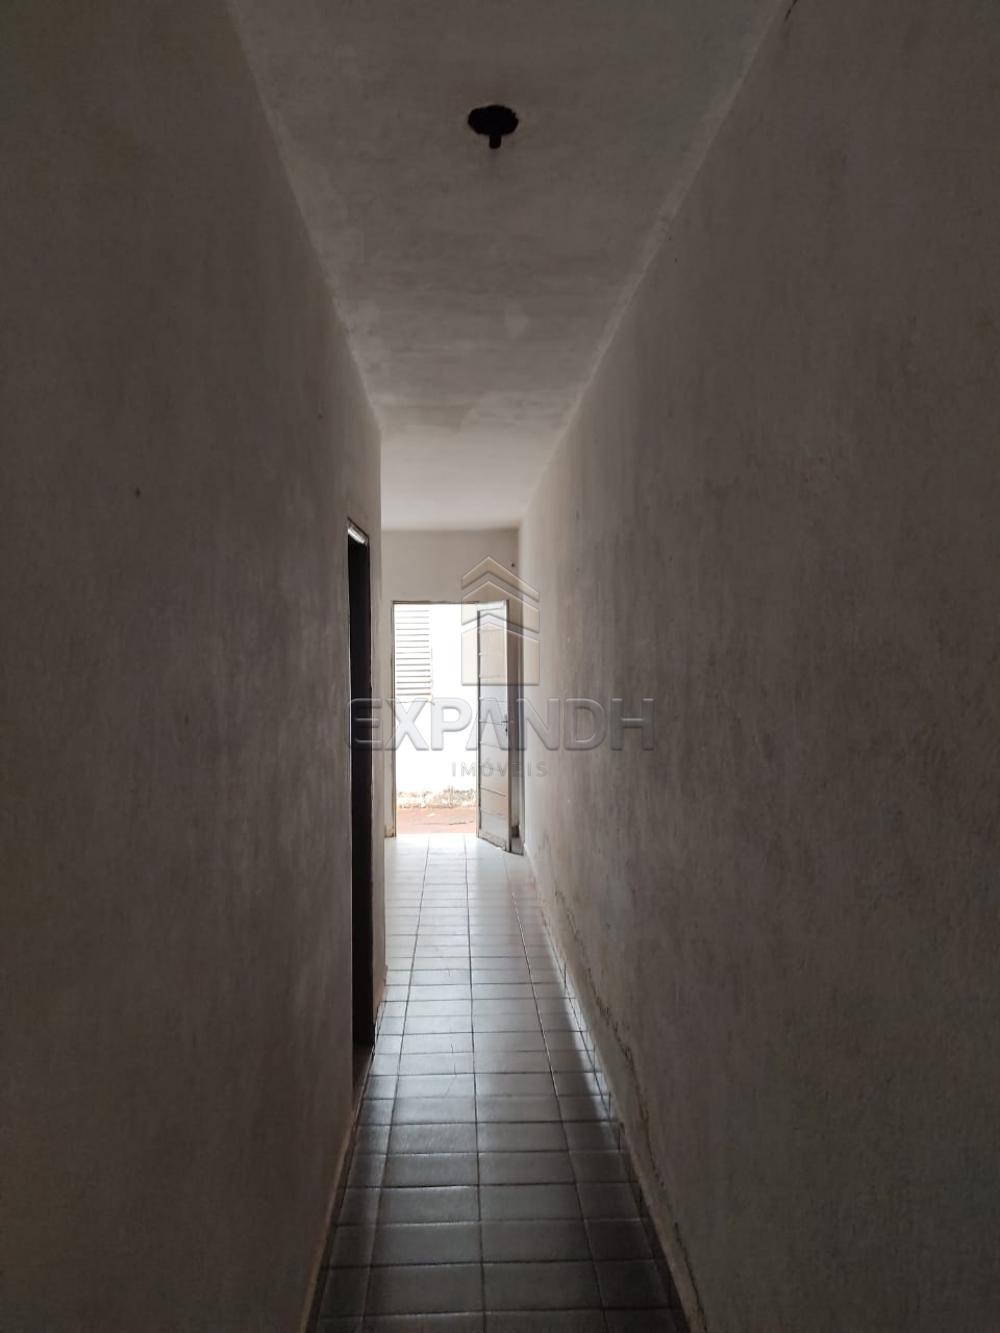 Comprar Casas / Padrão em Sertãozinho apenas R$ 120.000,00 - Foto 6